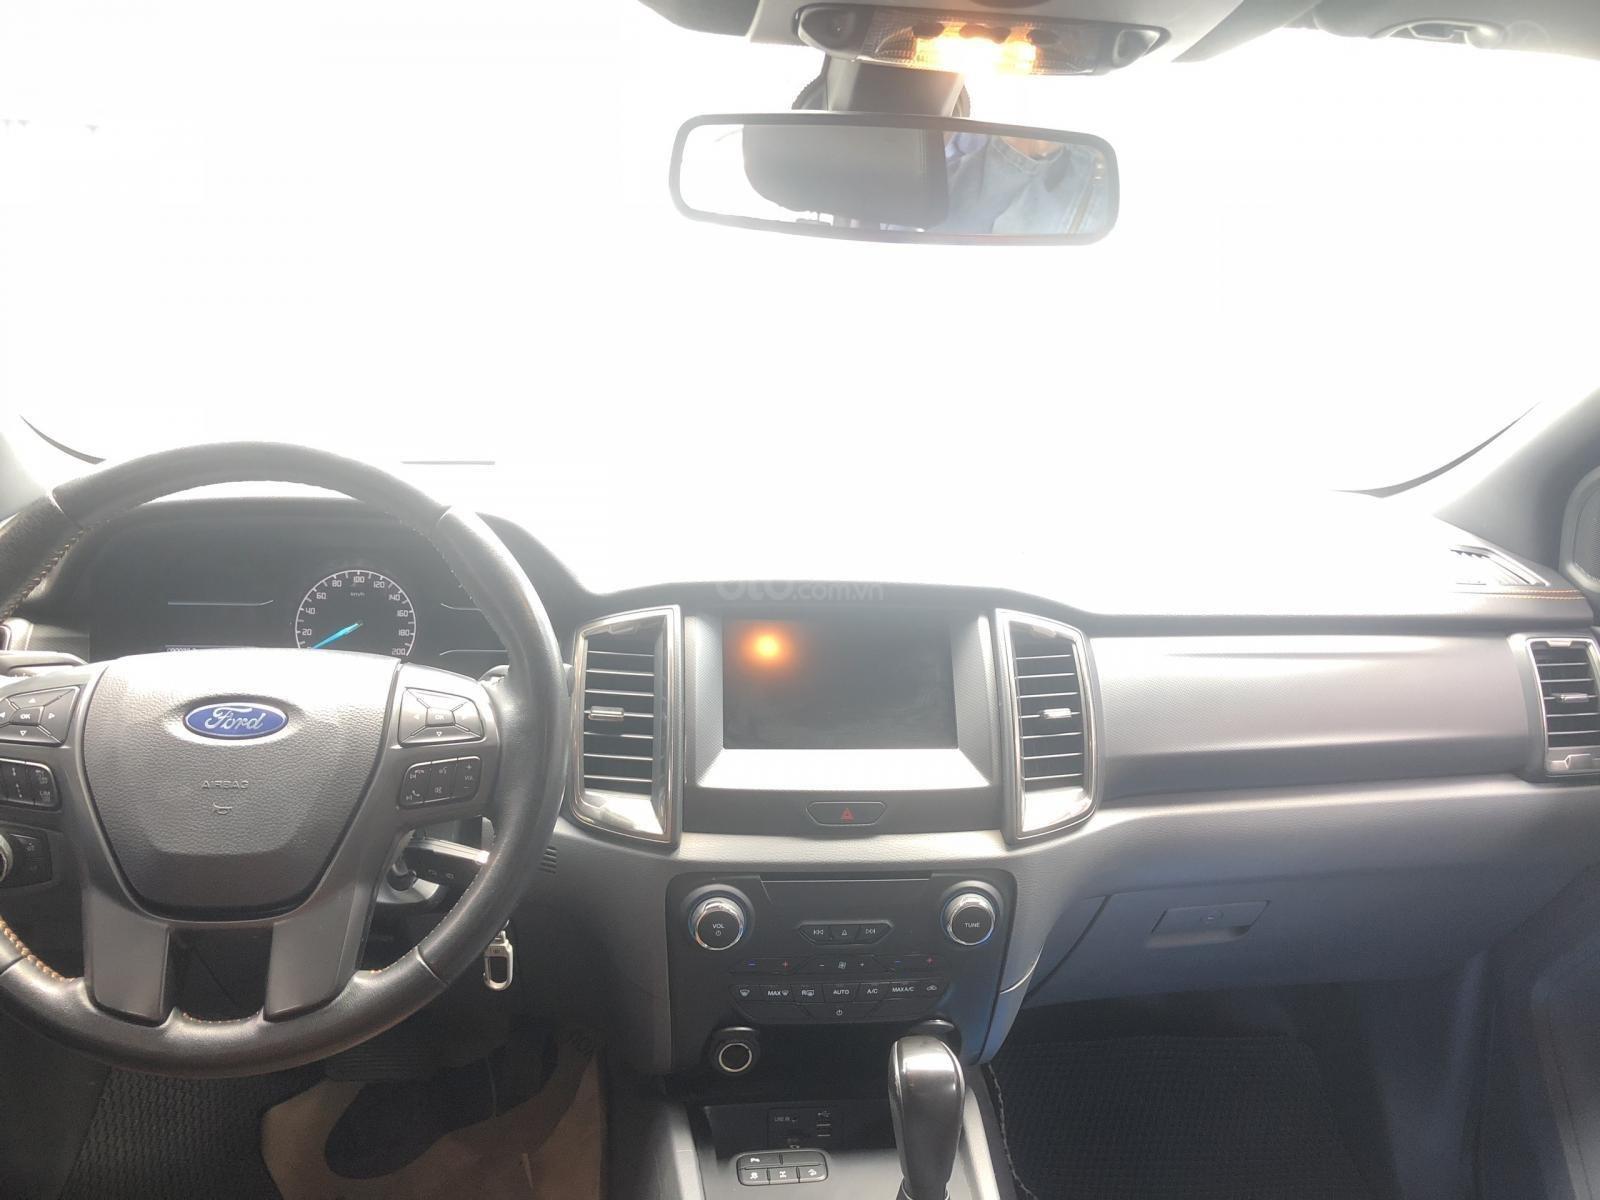 Cần bán Ford Ranger Wildtrak 3.2L 2016 trắng Ngọc Trinh, vay 70%, BH hãng (8)